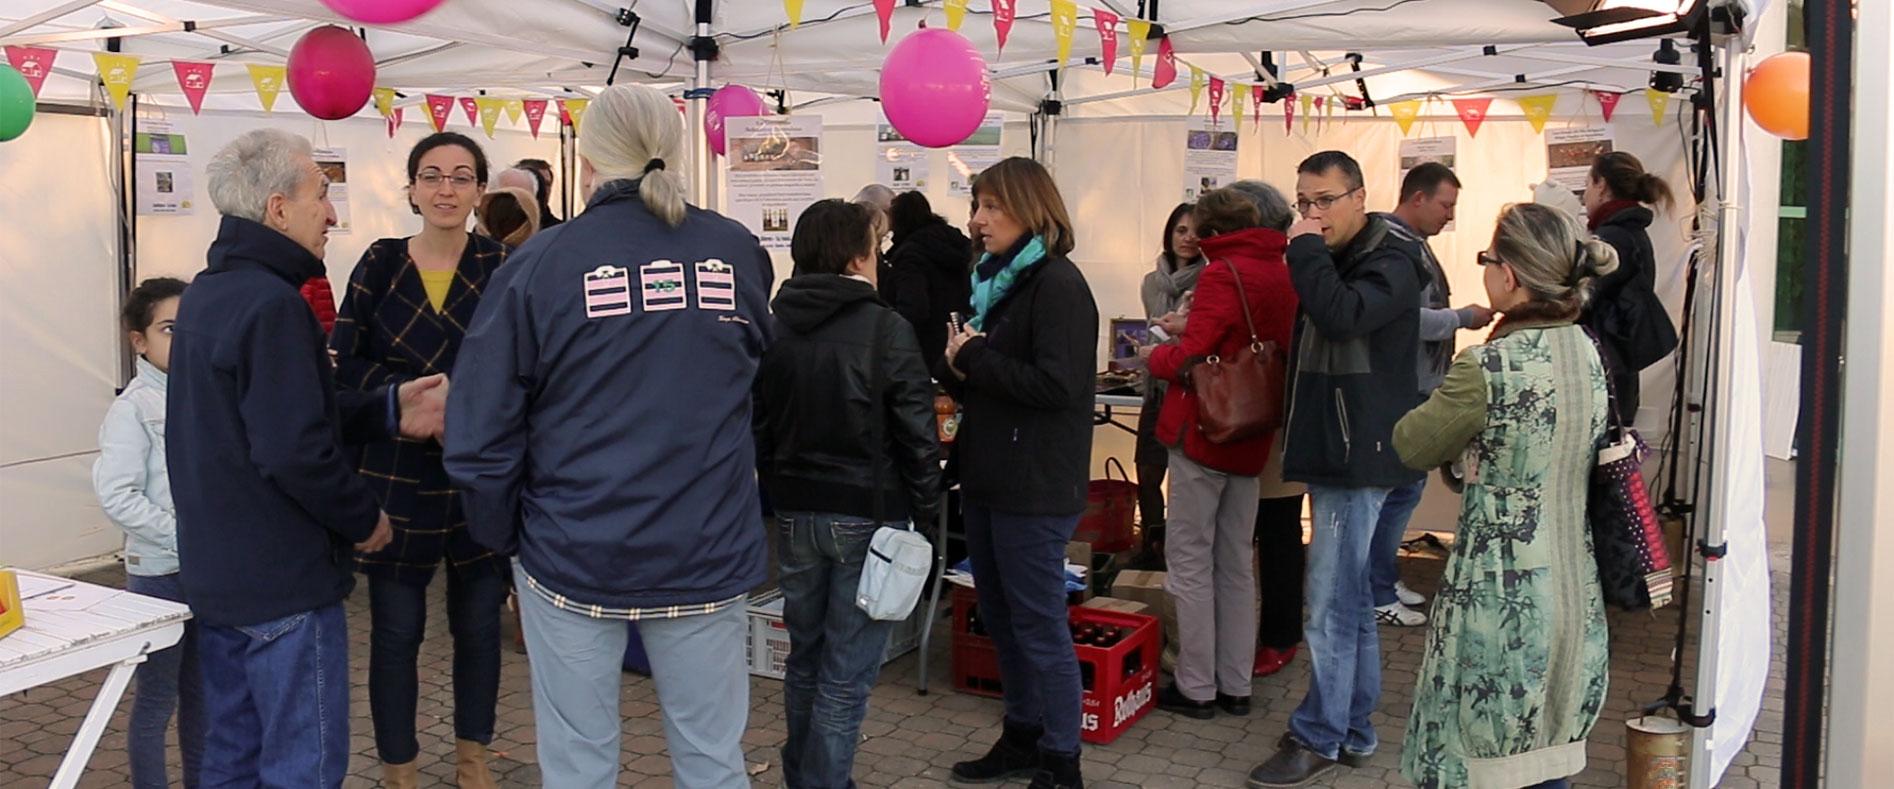 Distribution de la Ruche qui dit Oui! à Flourens.